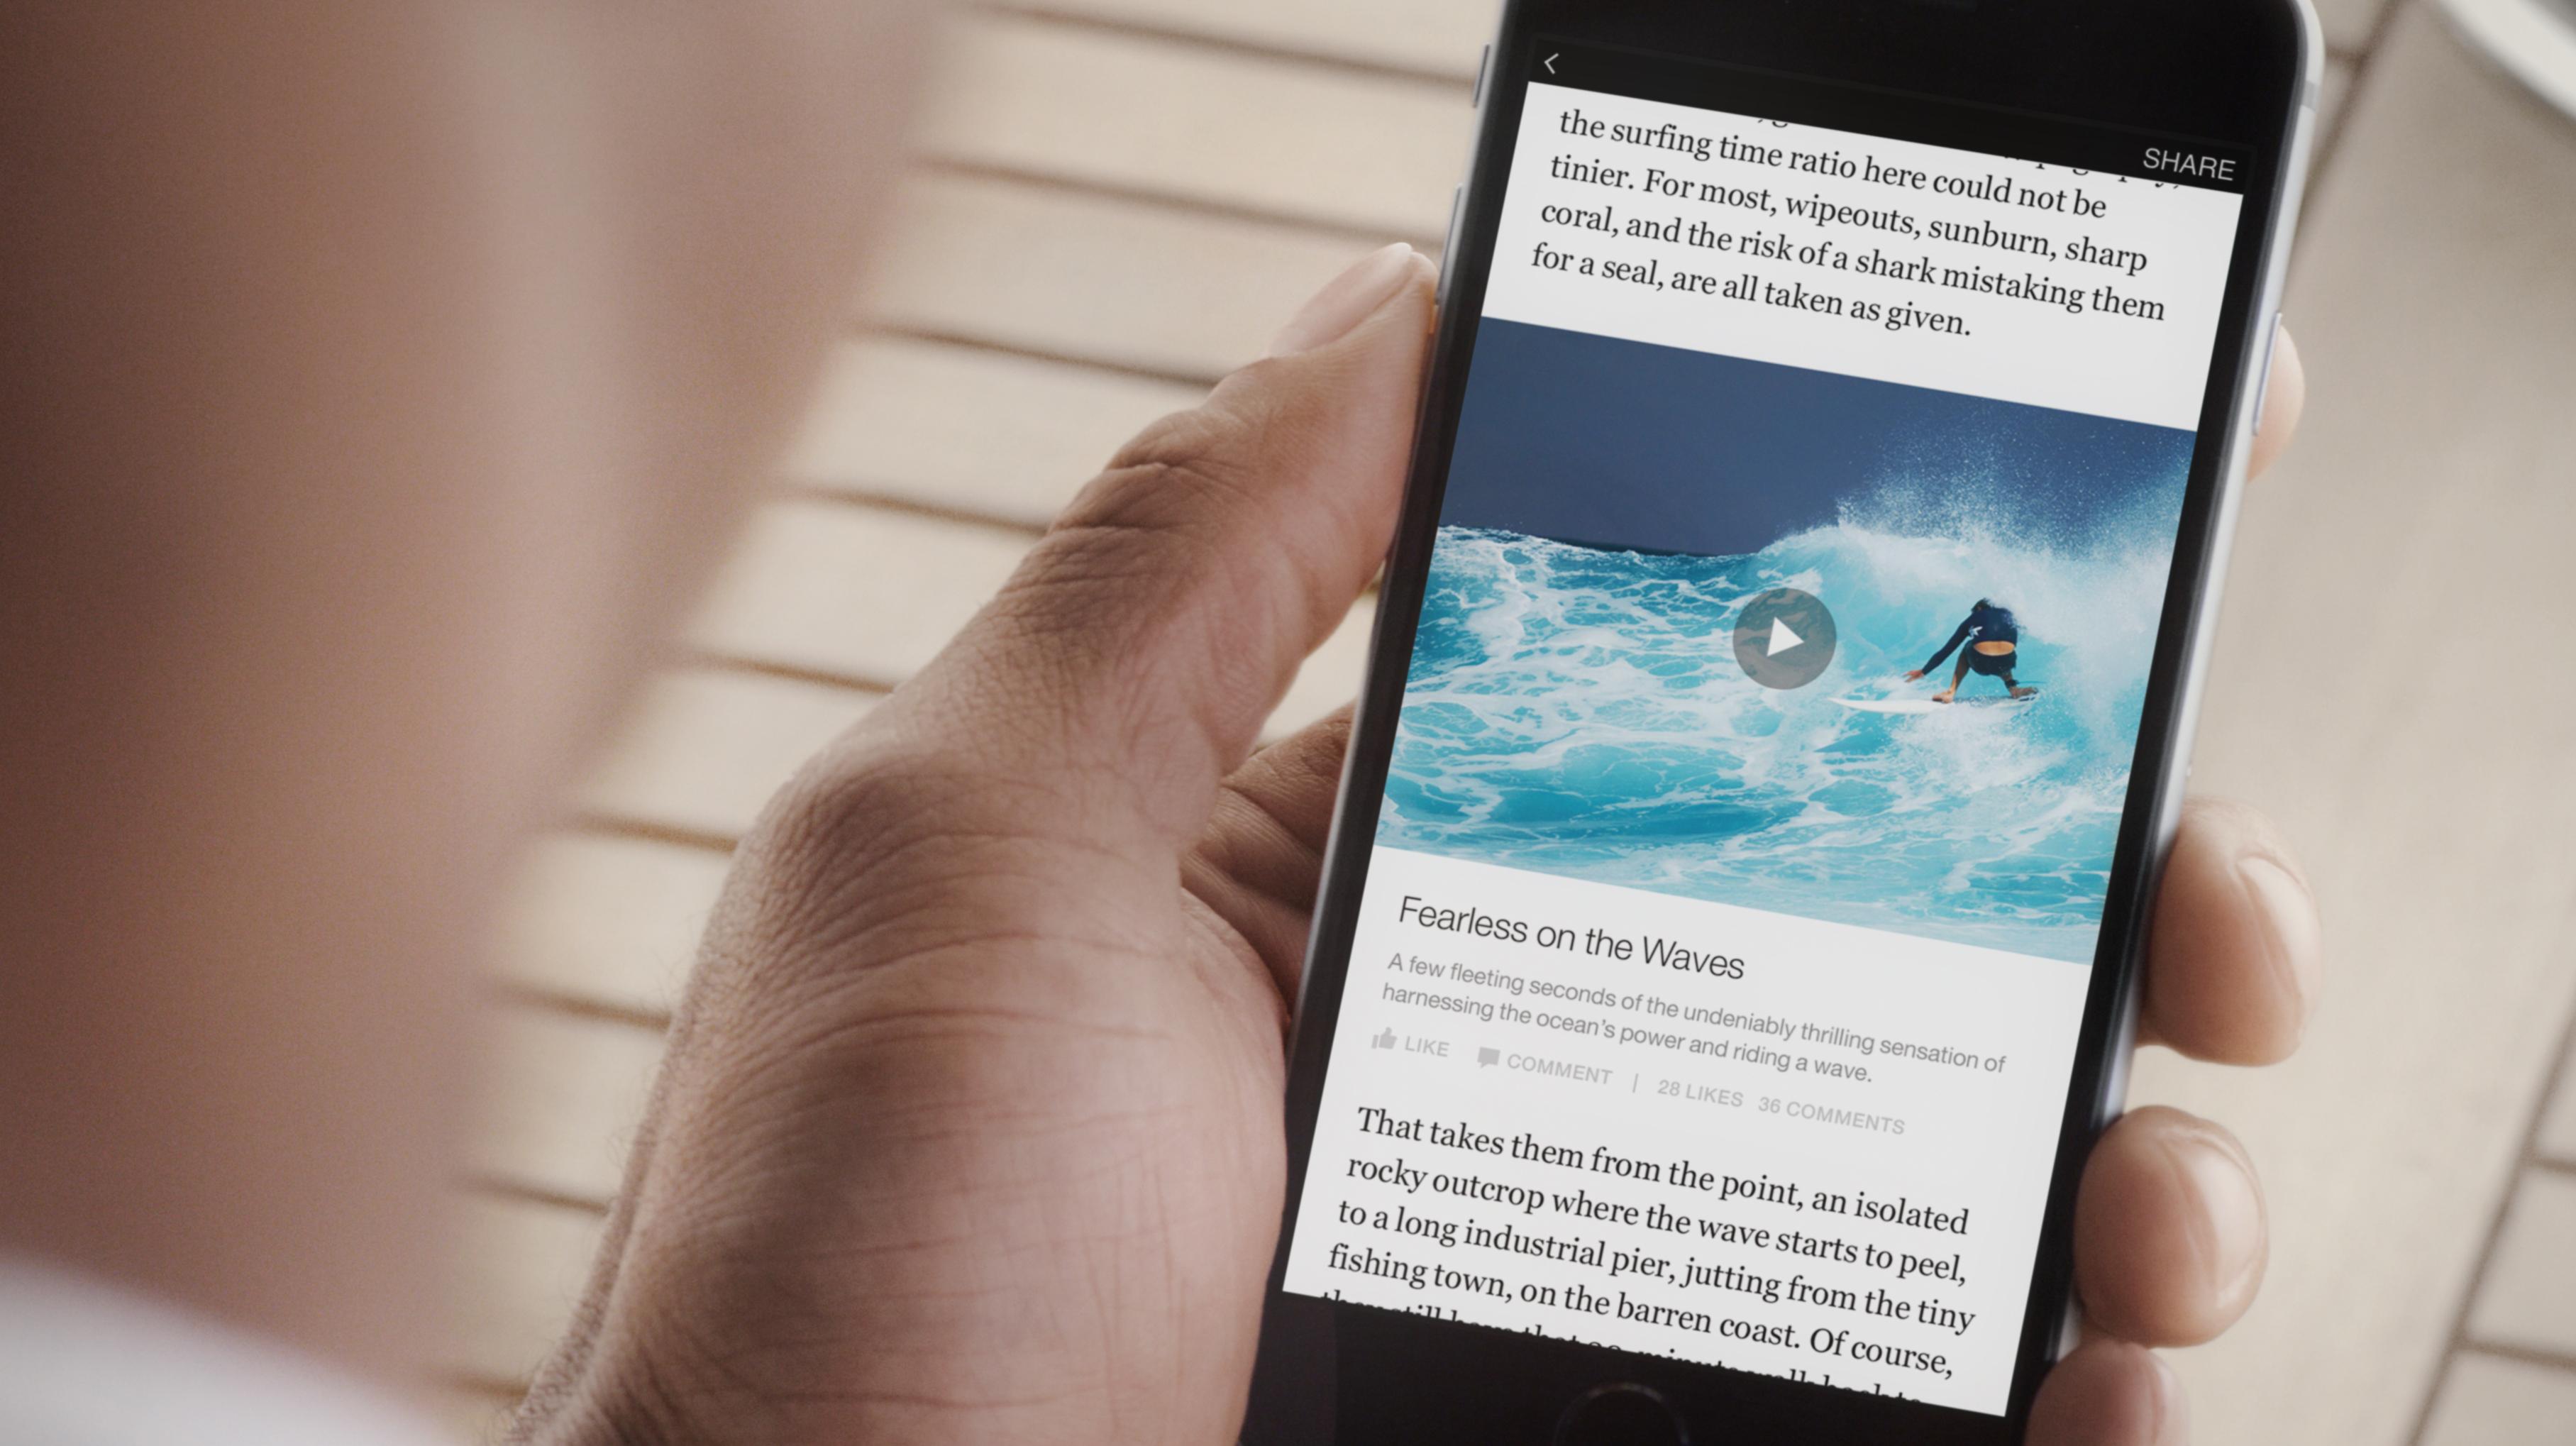 Artículos instantáneos de Facebook, facebook instant articles